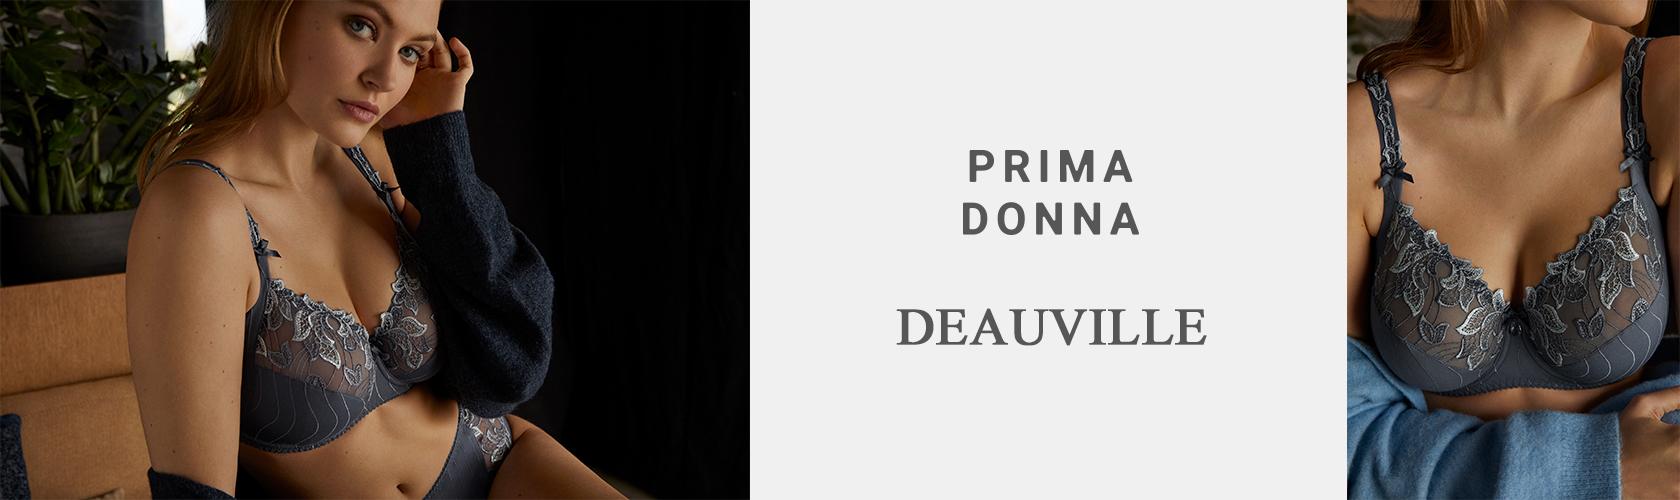 Slideshow HW2021 Deauville NIS